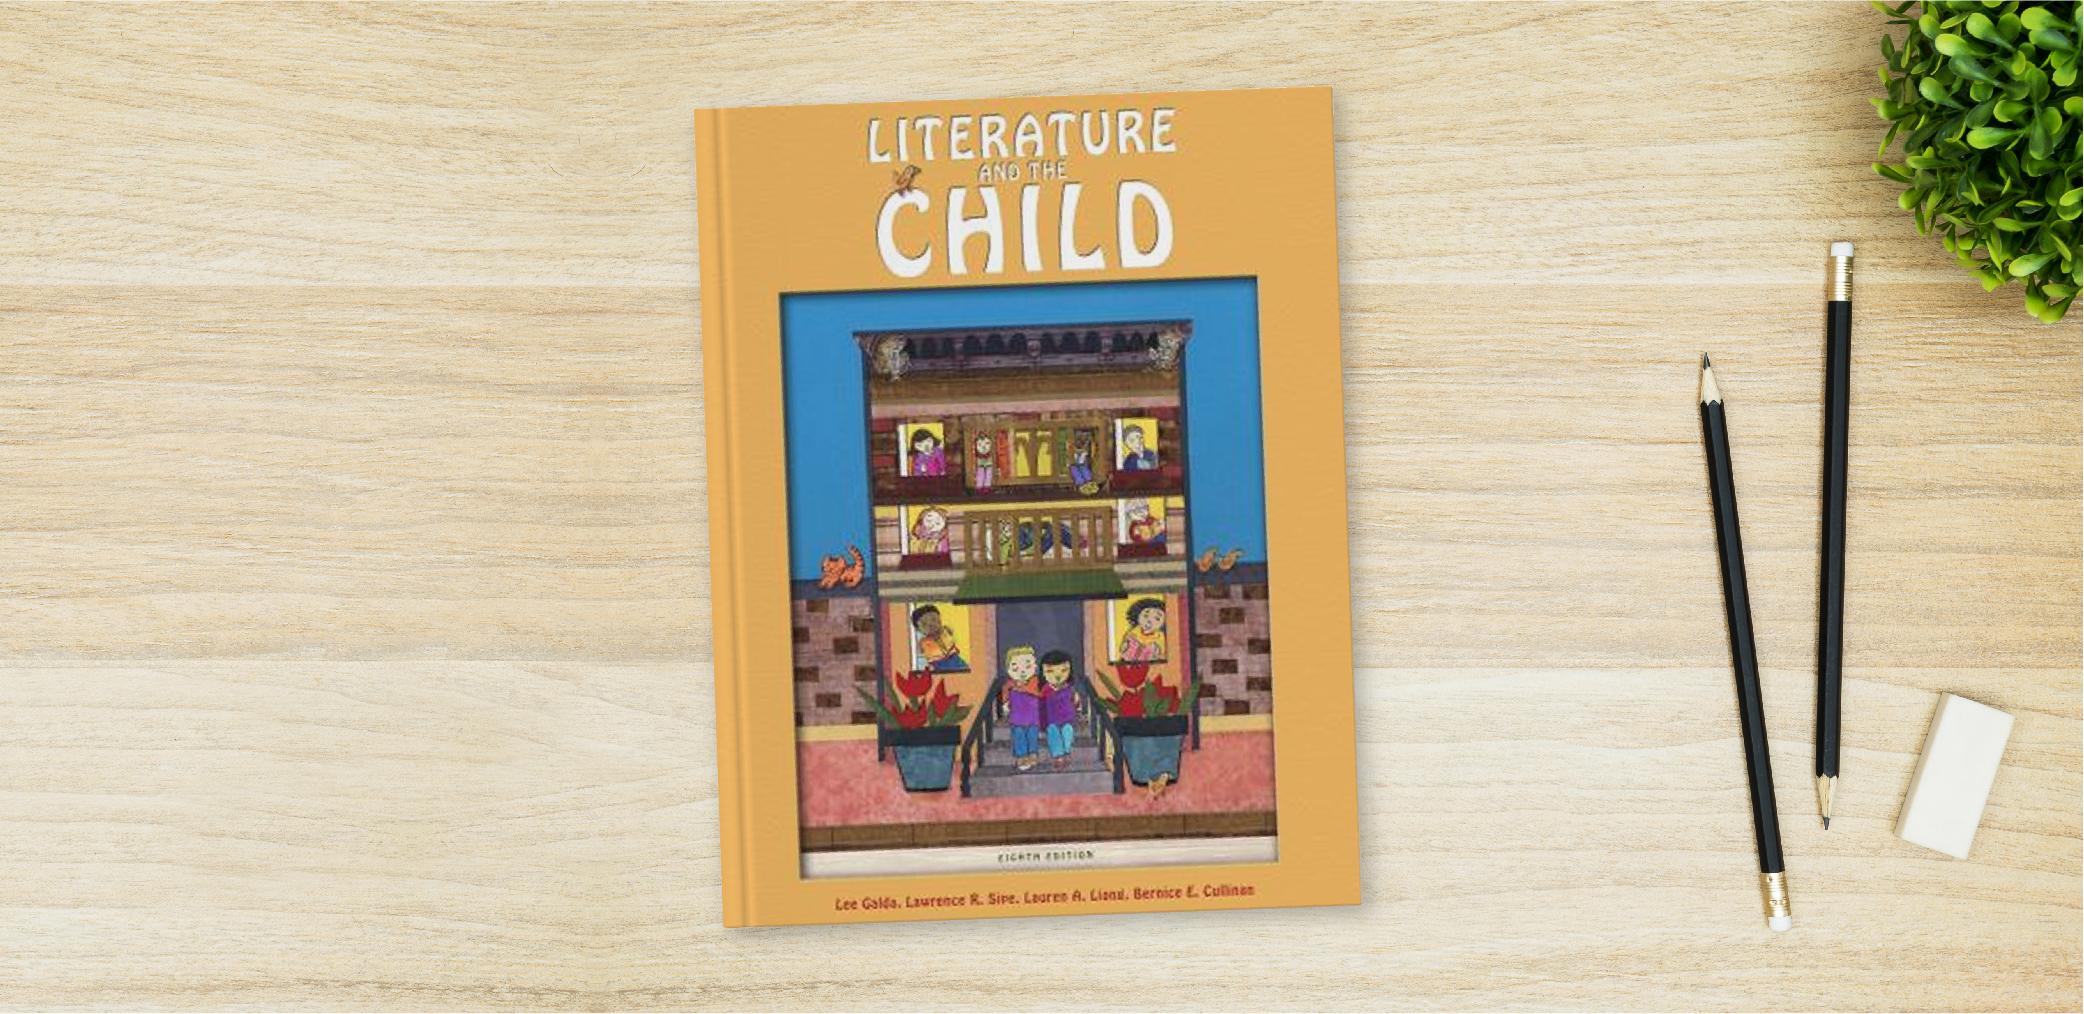 Literature-Child-3-07.jpg